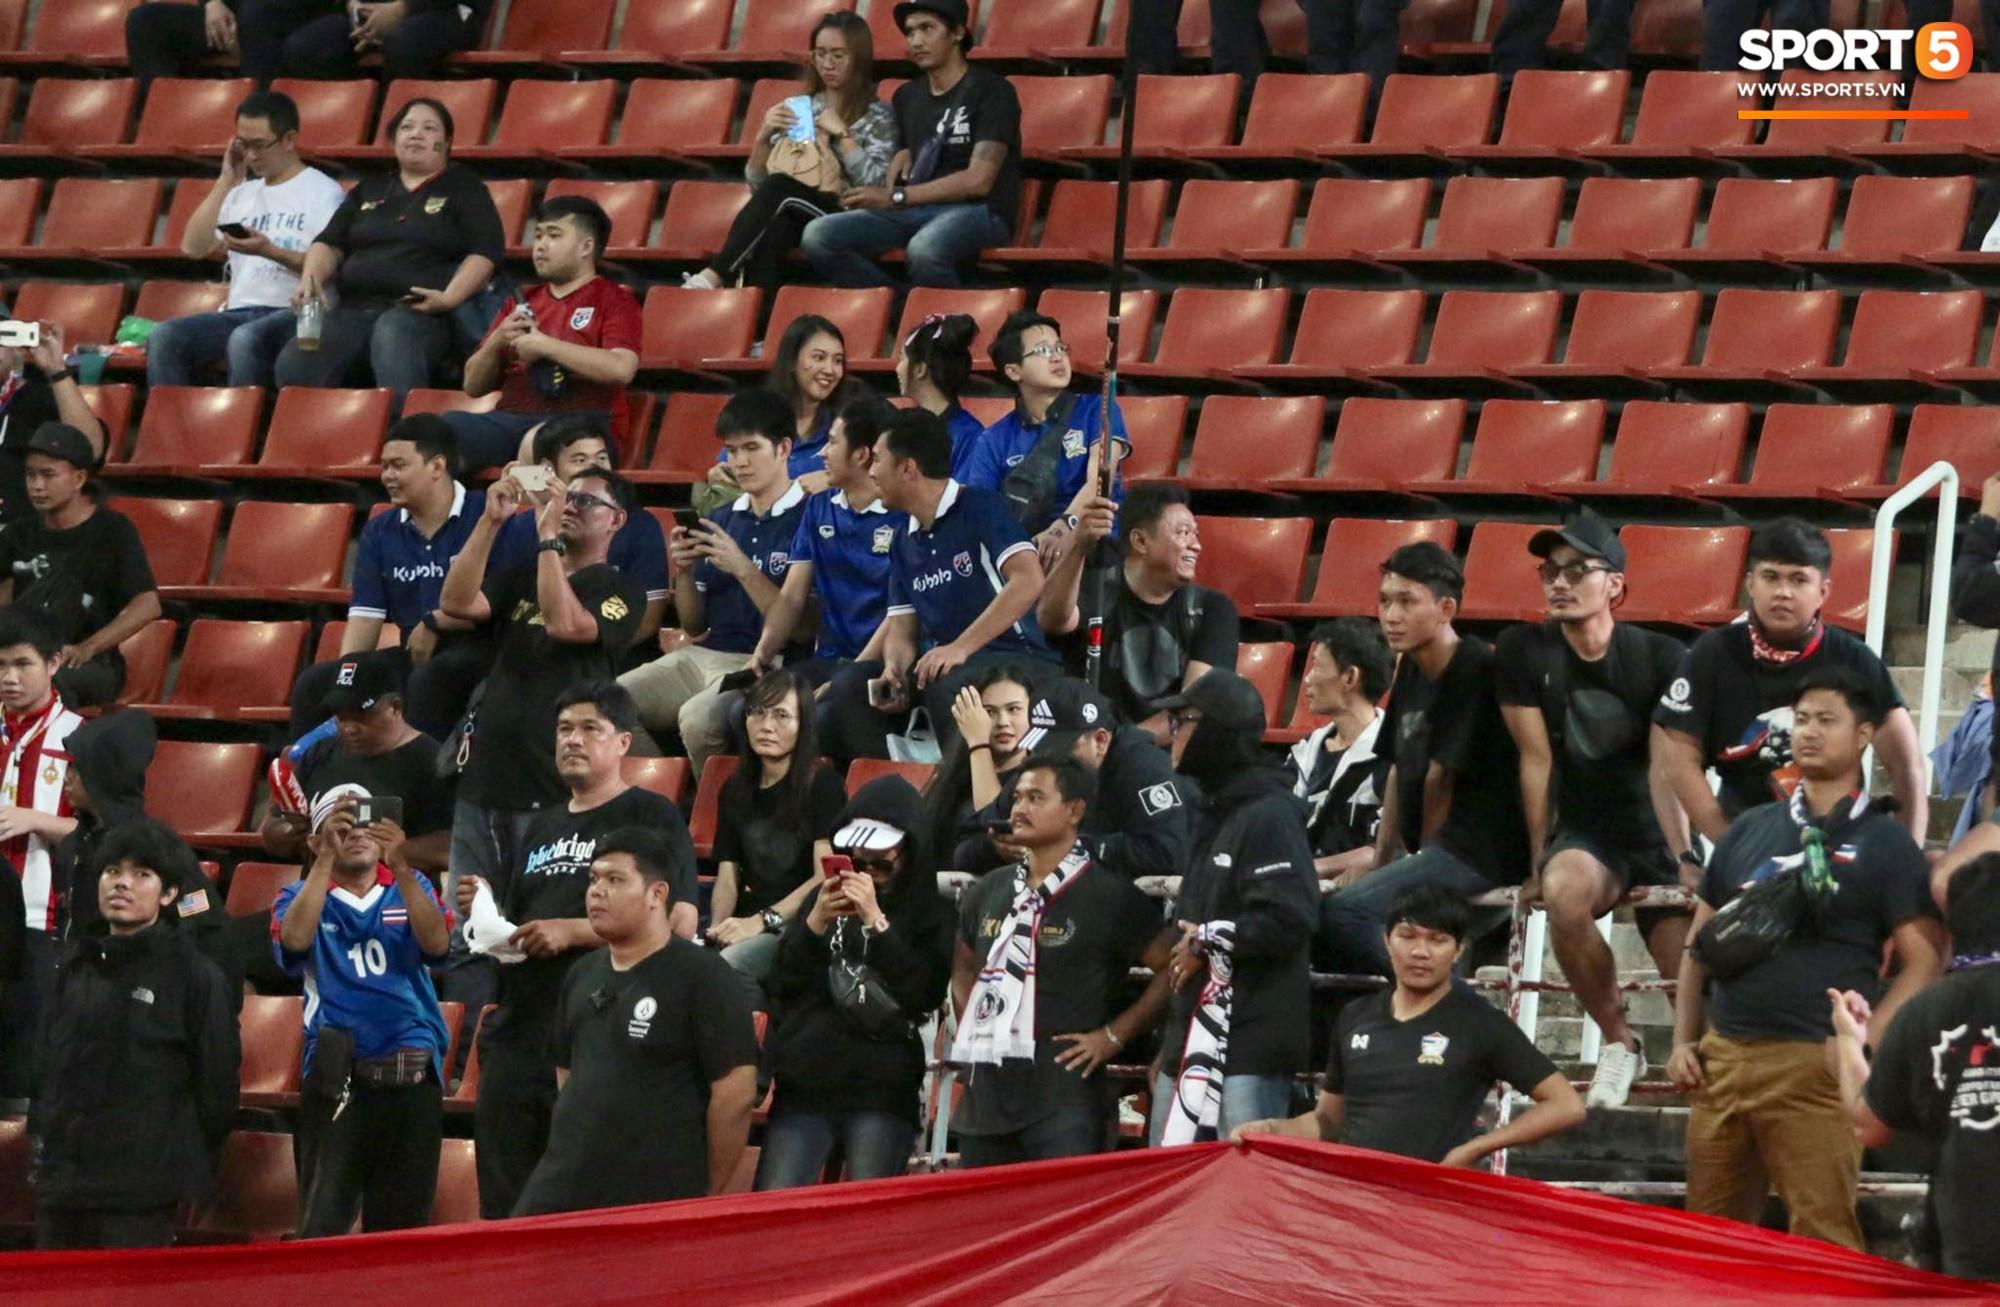 Trận đấu giữa Việt Nam và Thái Lan diễn ra tối 5/9 thu hút được sự quan tâm của người hâm mộ hai nước. Cả hai hội cổ động viên đã tạo ra bầu không khí cuồng nhiệt trên khán đài sân Thammasat từ khi trận đấu còn chưa diễn ra.